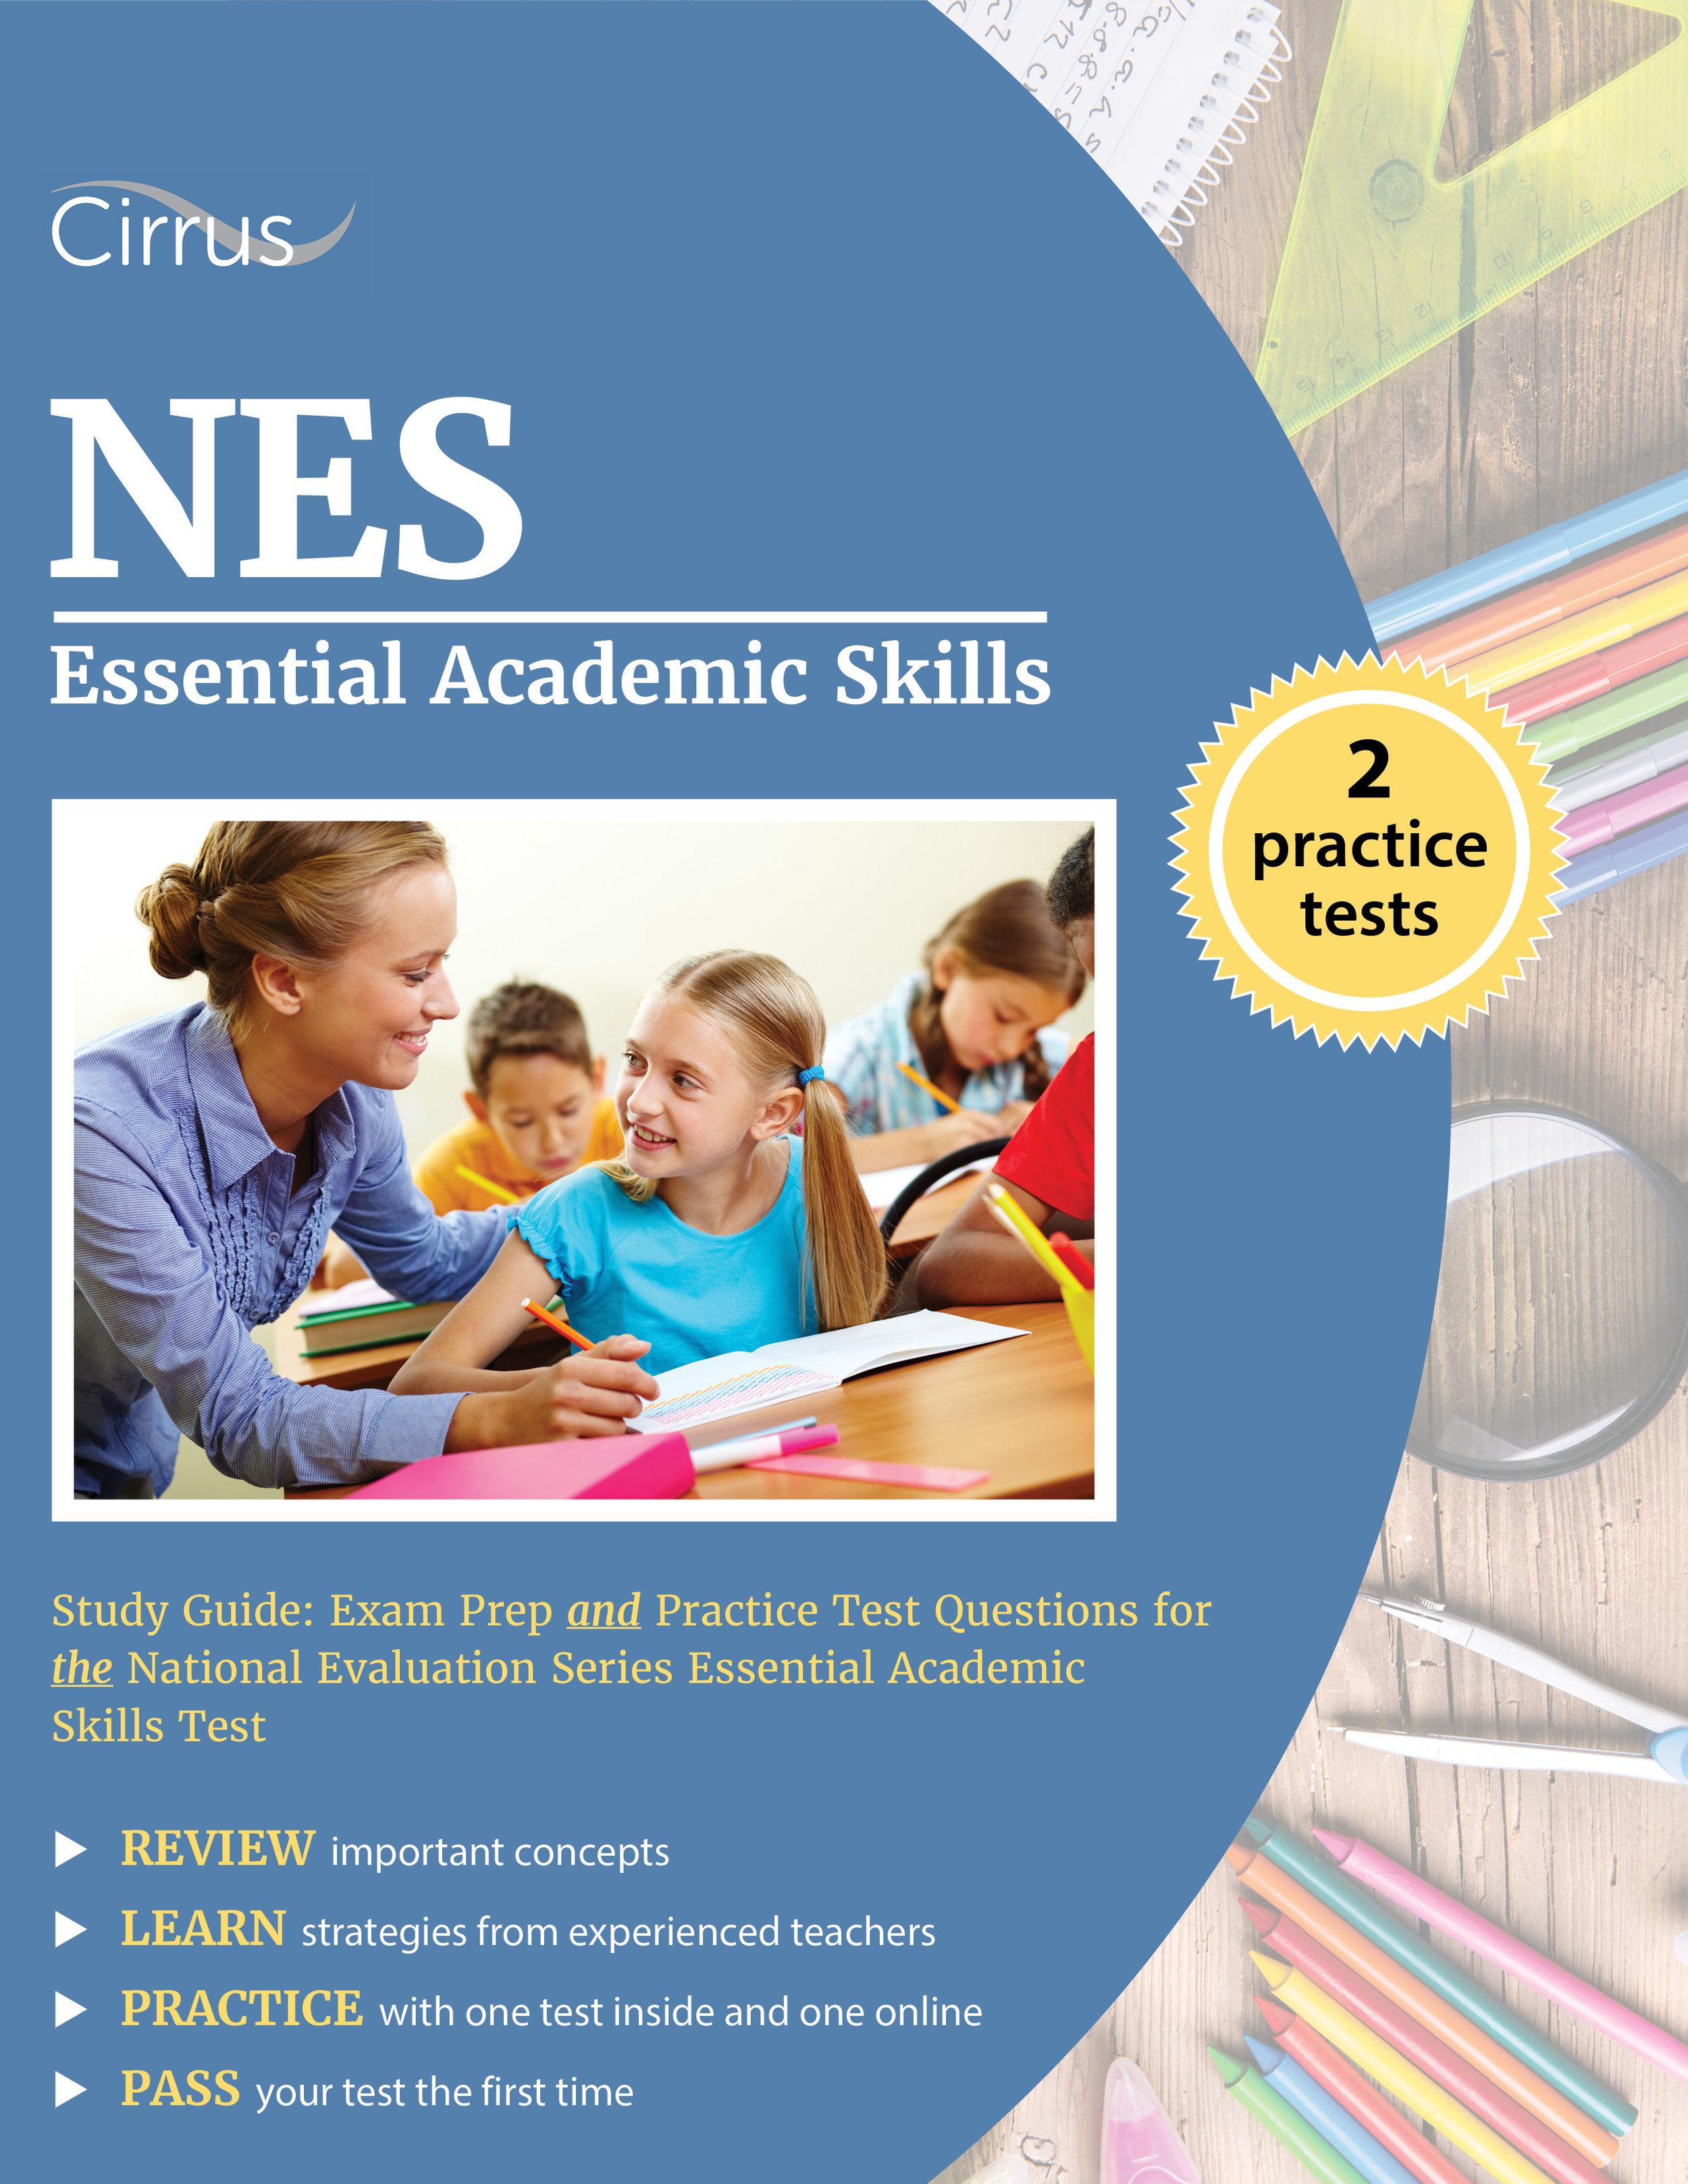 NES Essential Academic Skills